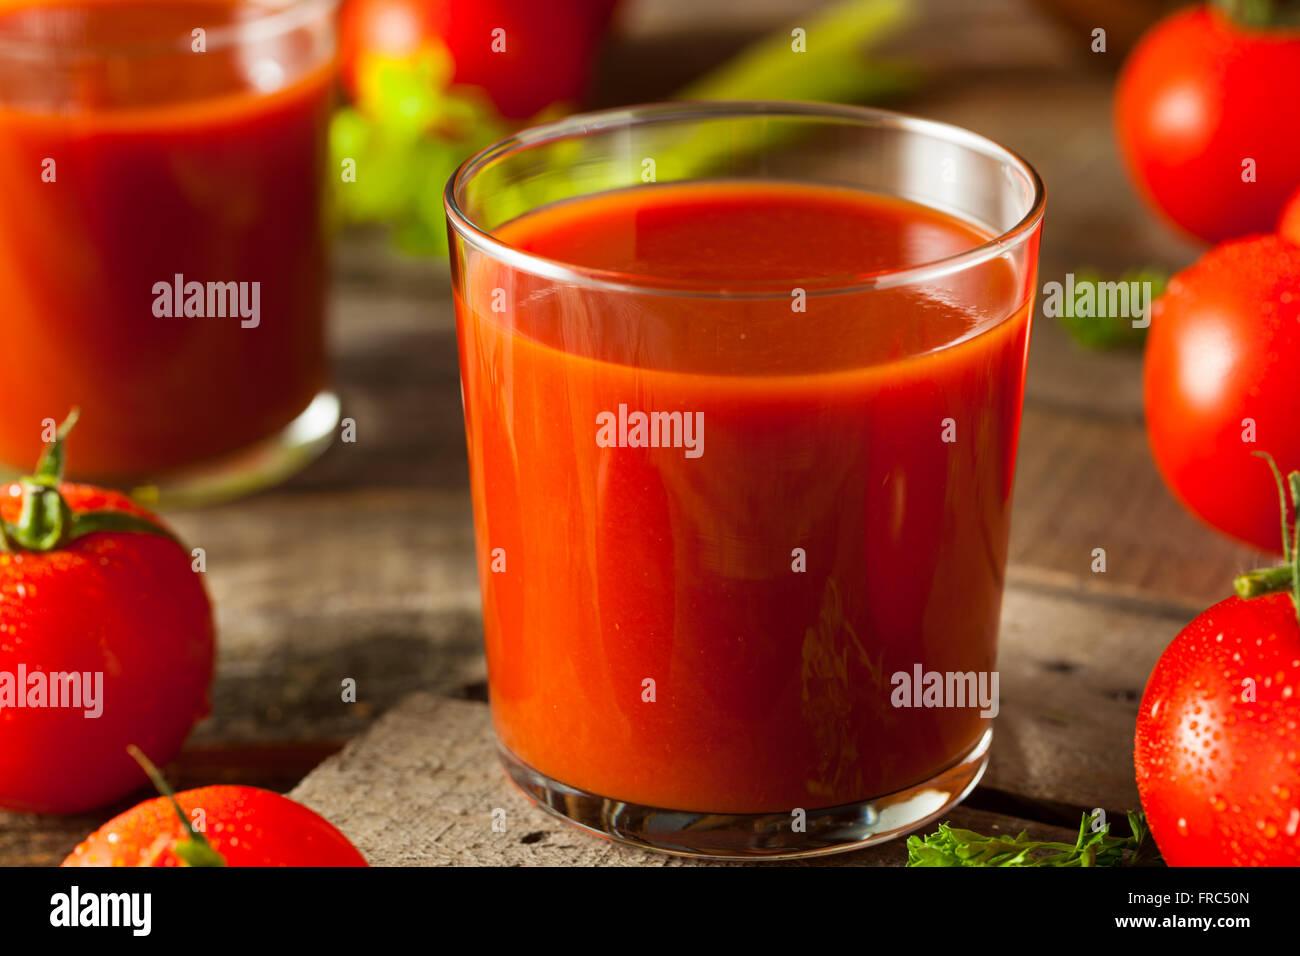 Materie organiche di succo di pomodoro con prezzemolo e sedano Immagini Stock